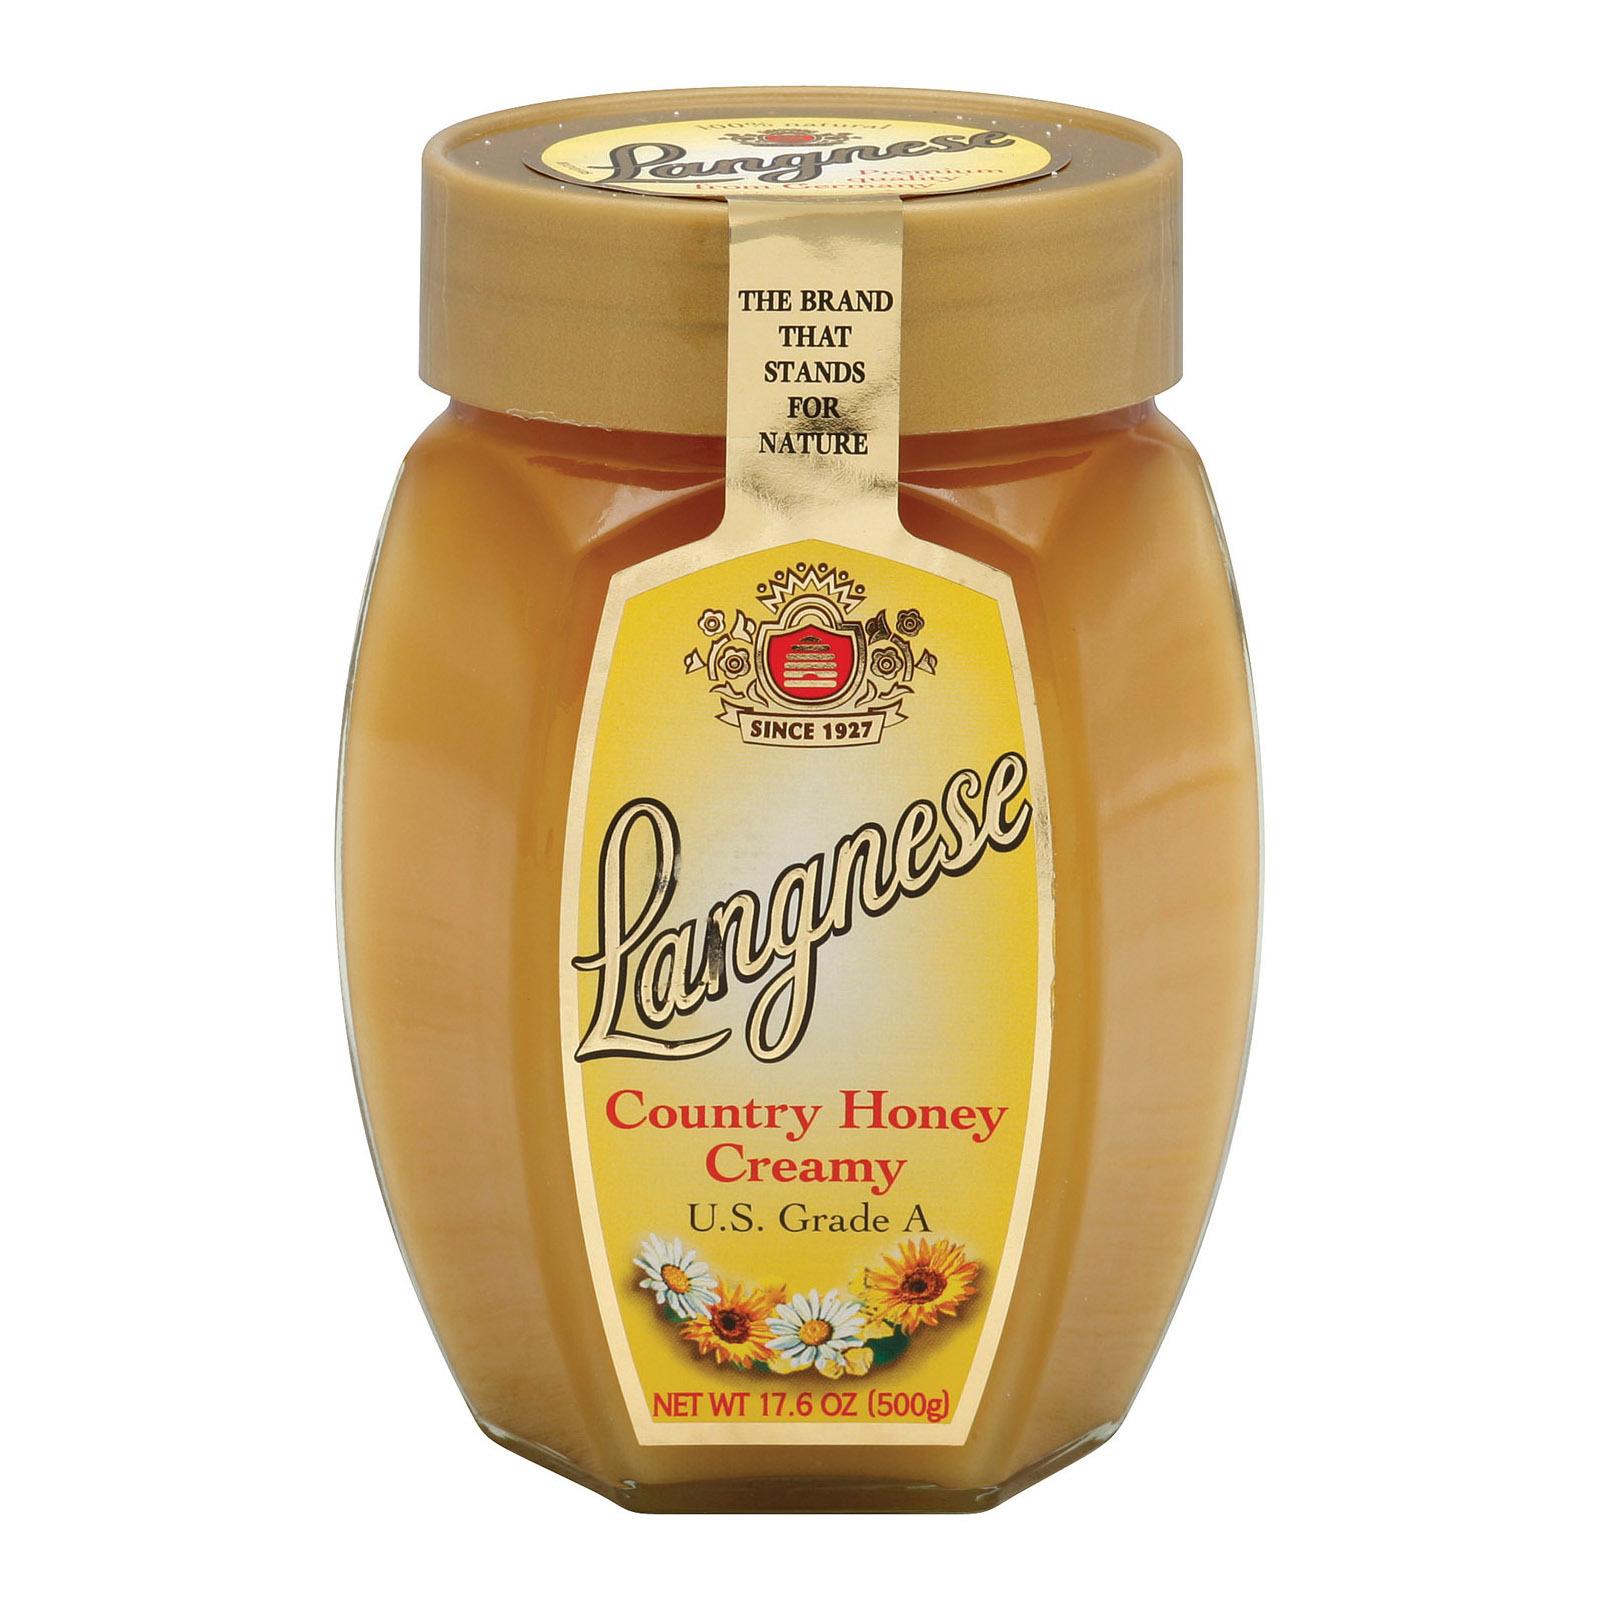 Langnese Honey Country Honey - Creamy - Case of 10 - 17.6 oz.